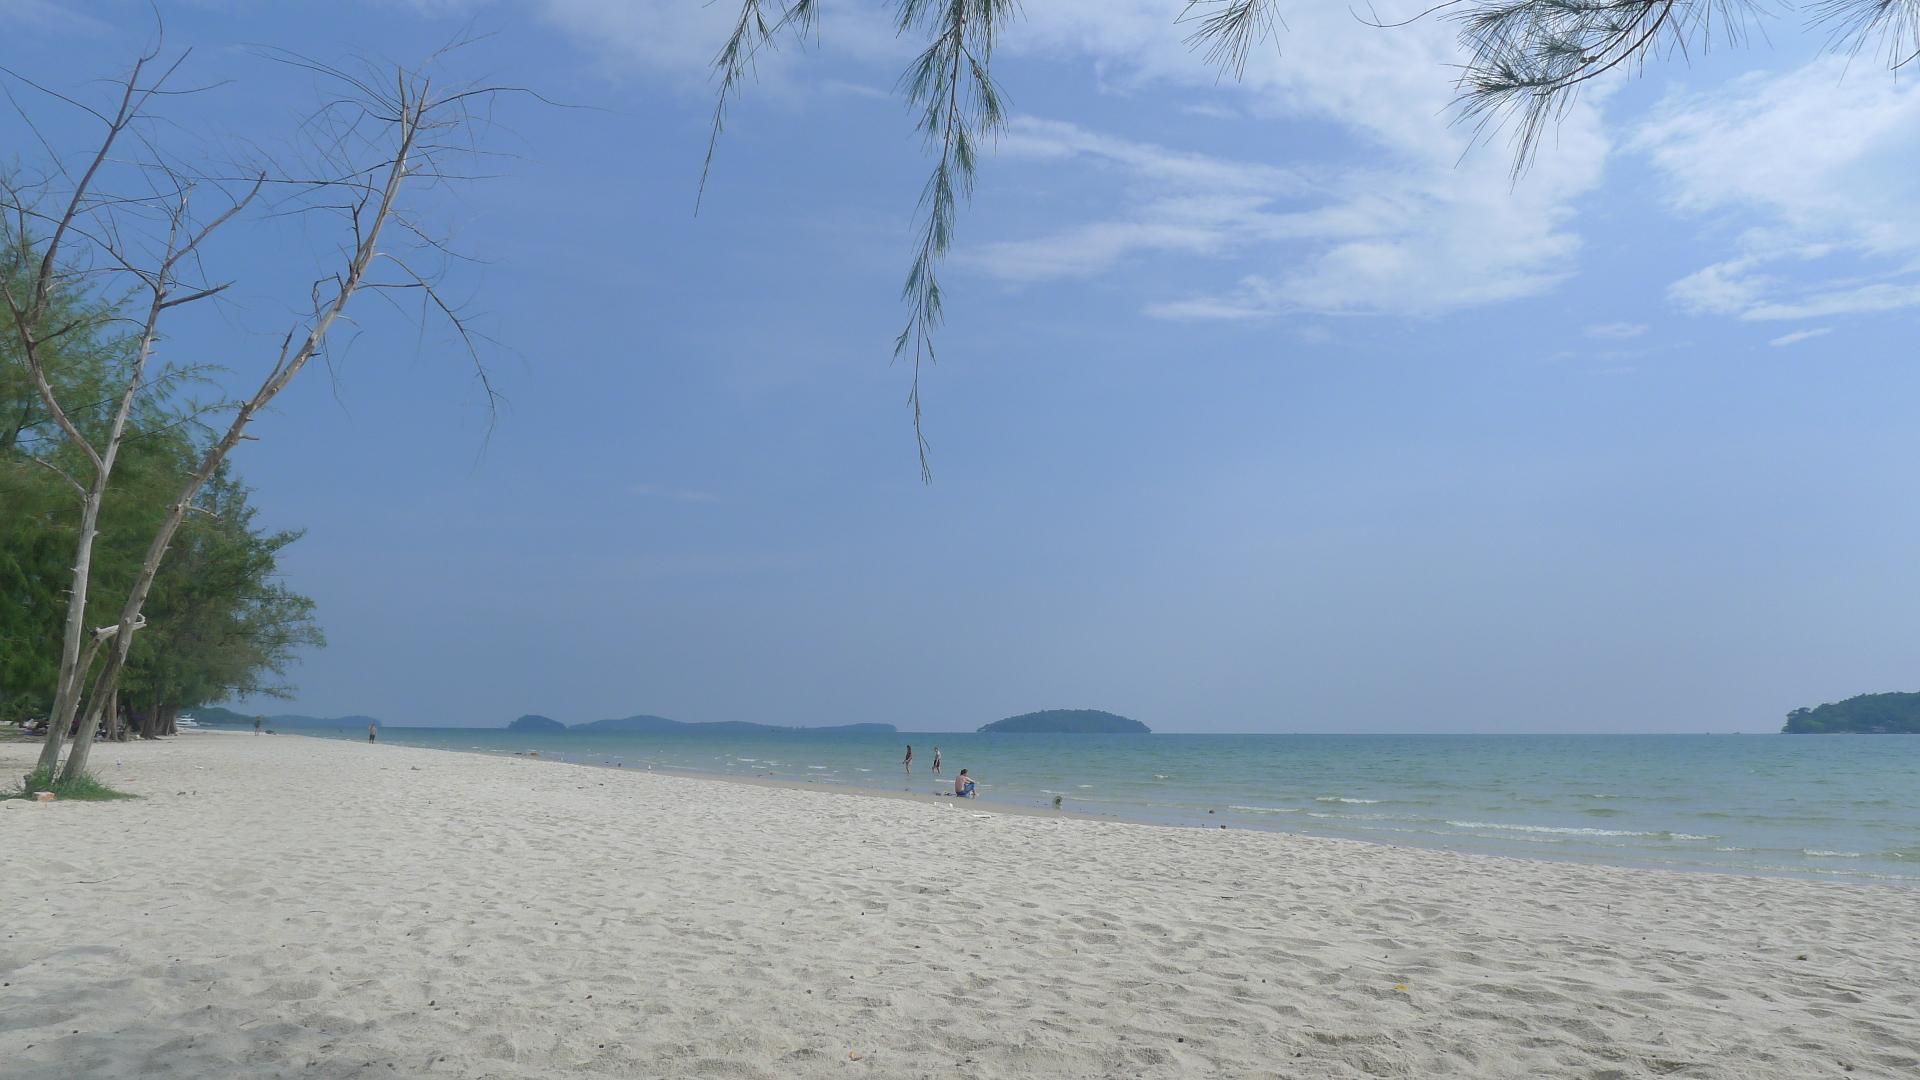 A beach in sunlight